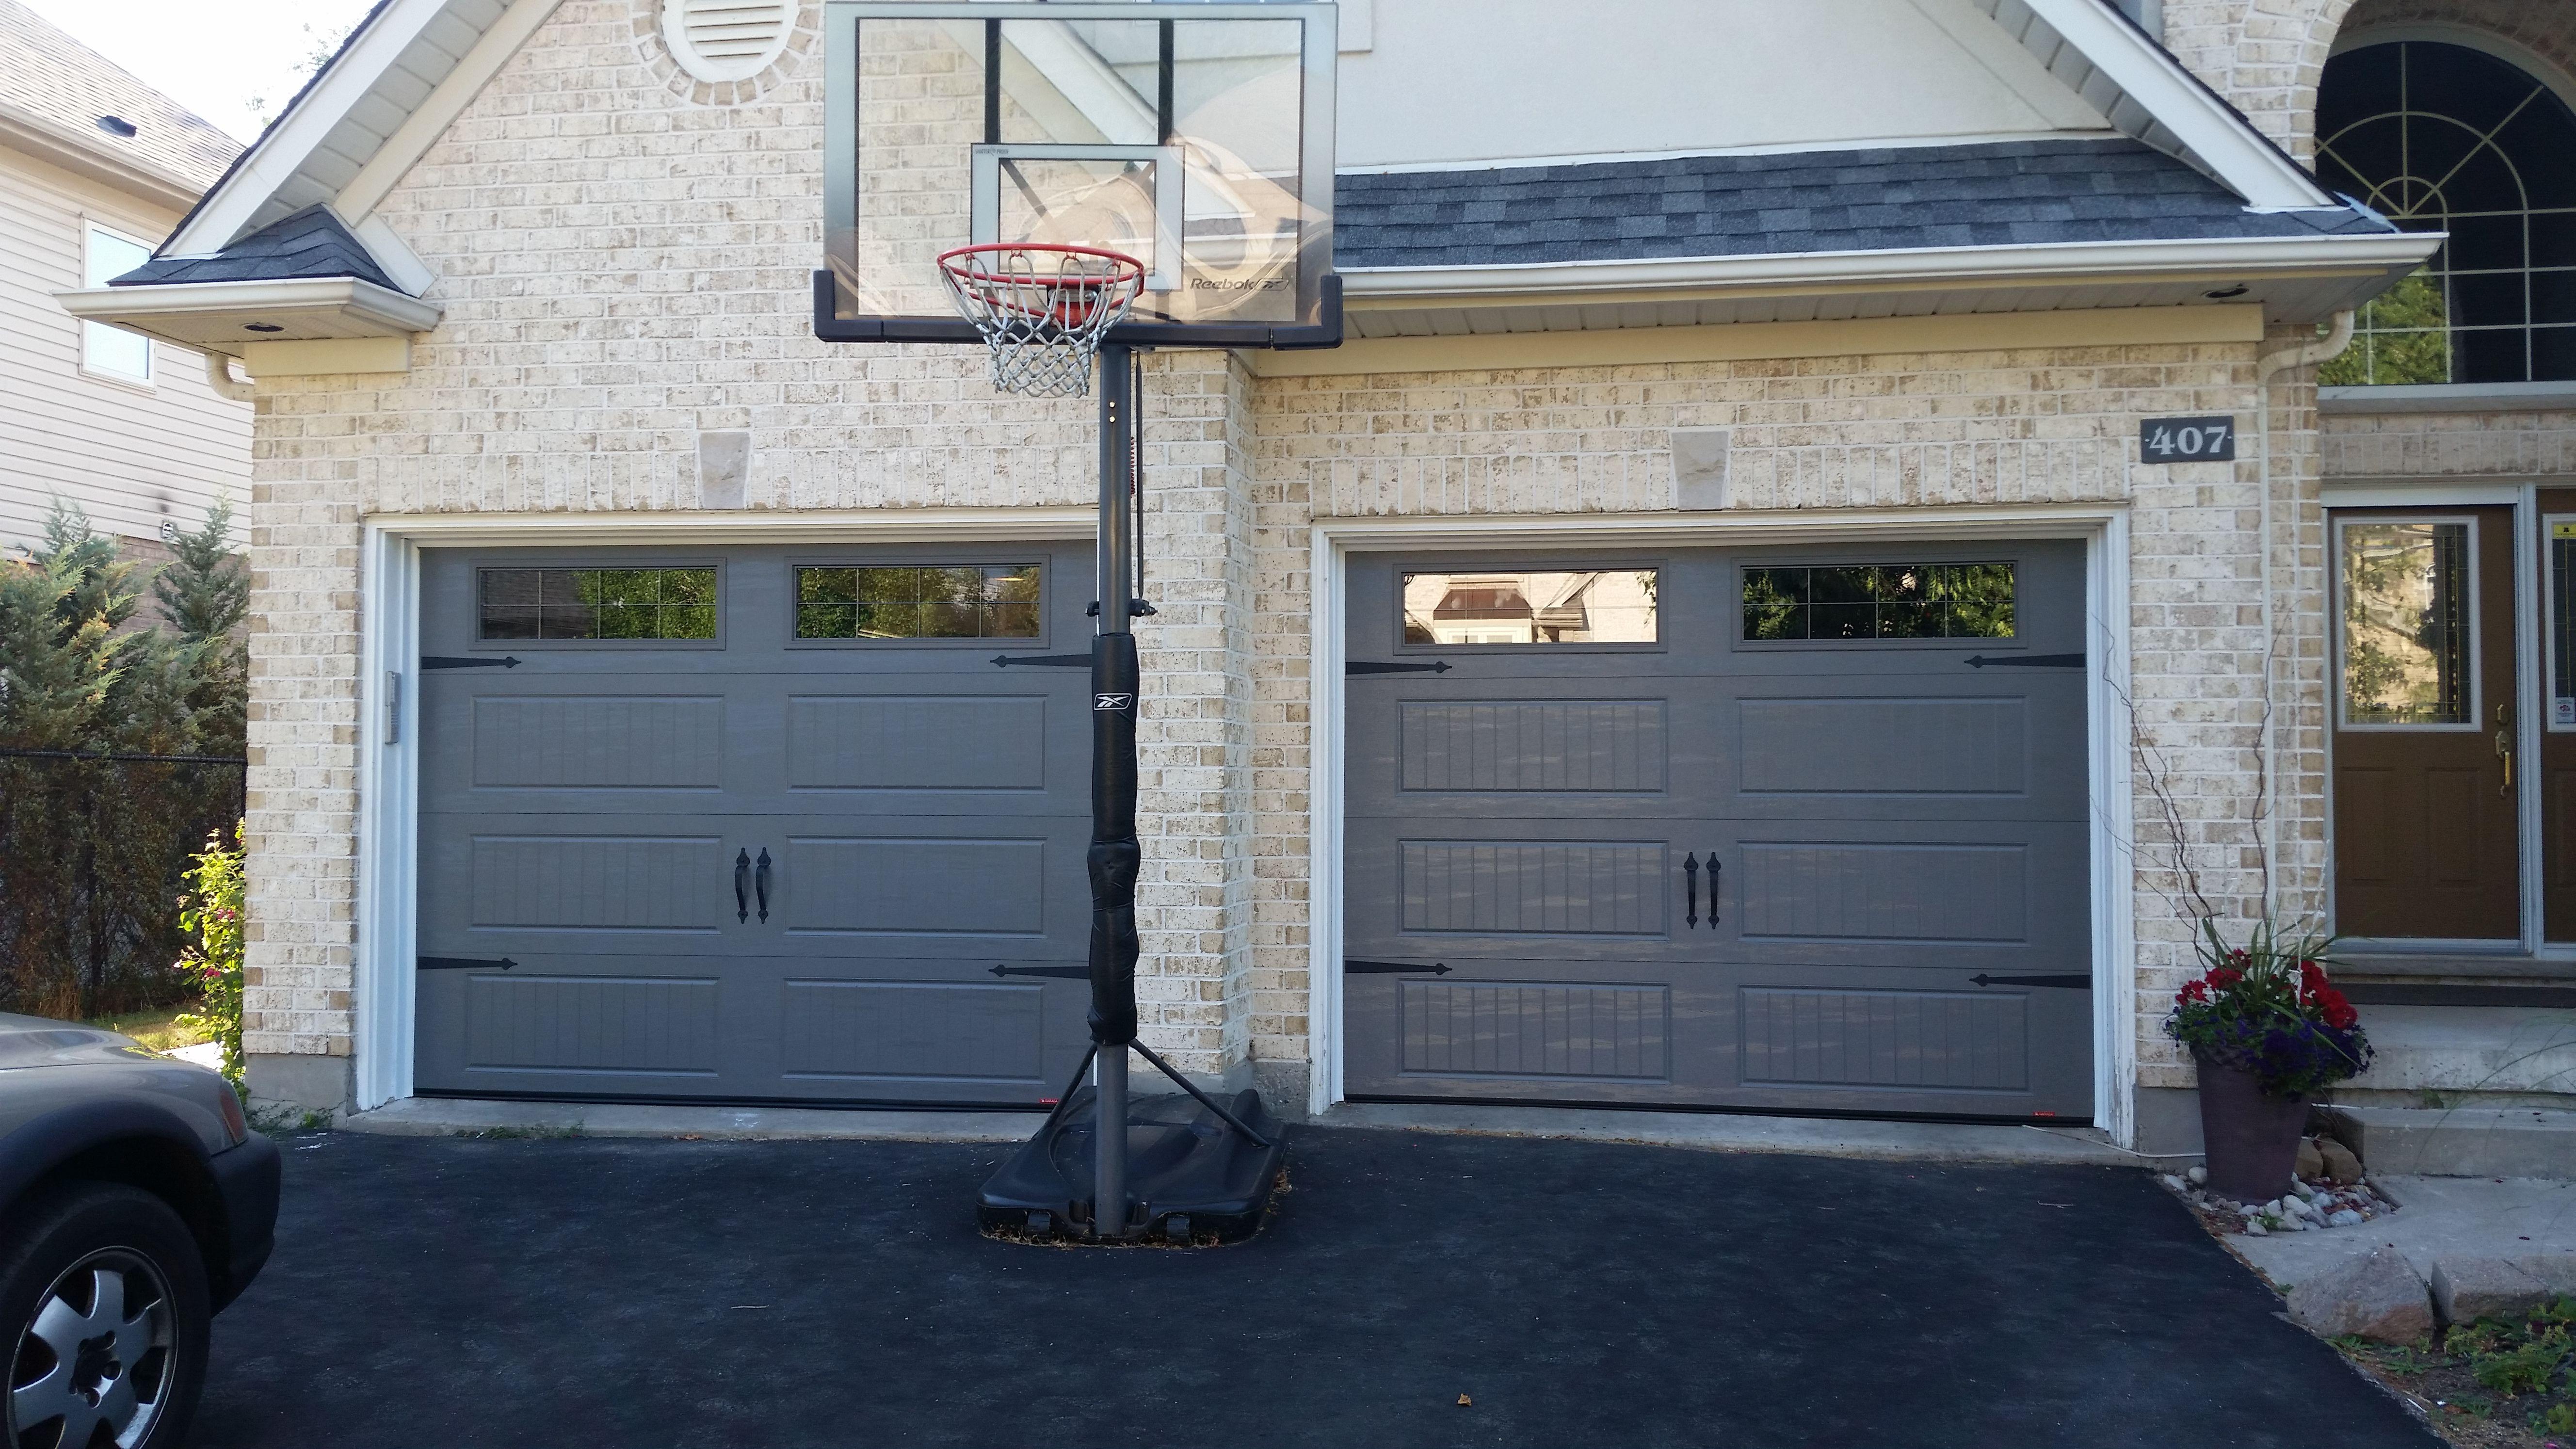 I 18213 Garaga North Hatley Lp In Charcoal Garage Doors Outdoor Decor Doors